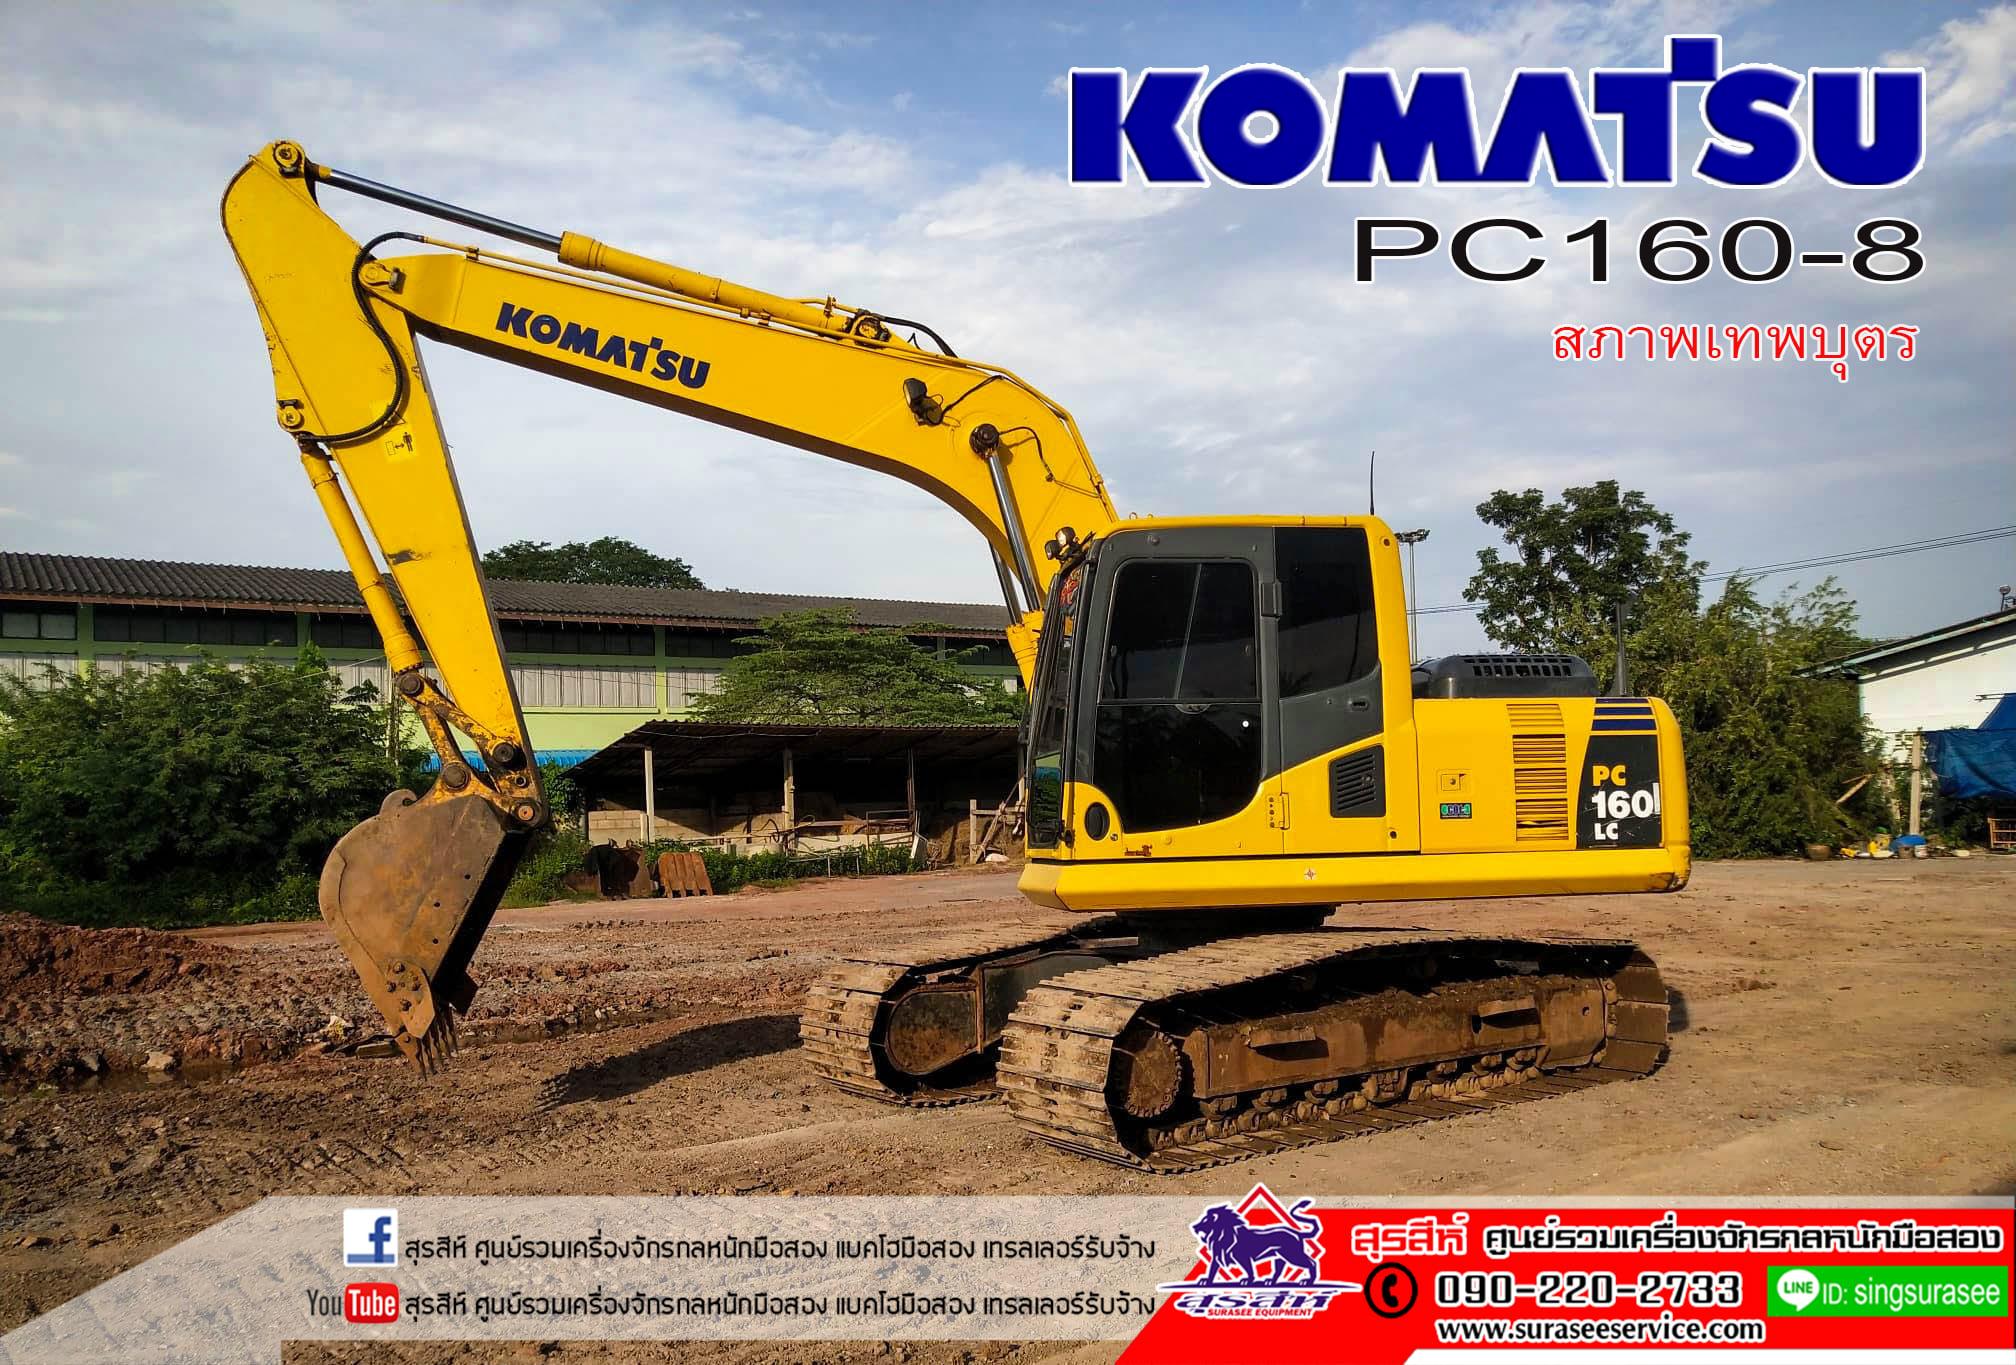 แบคโฮมือสอง KOMATSU PC160-8 สภาพเทพบุตร เอกสารเล่มทะเบียน รถอยู่โซนภาคกลาง